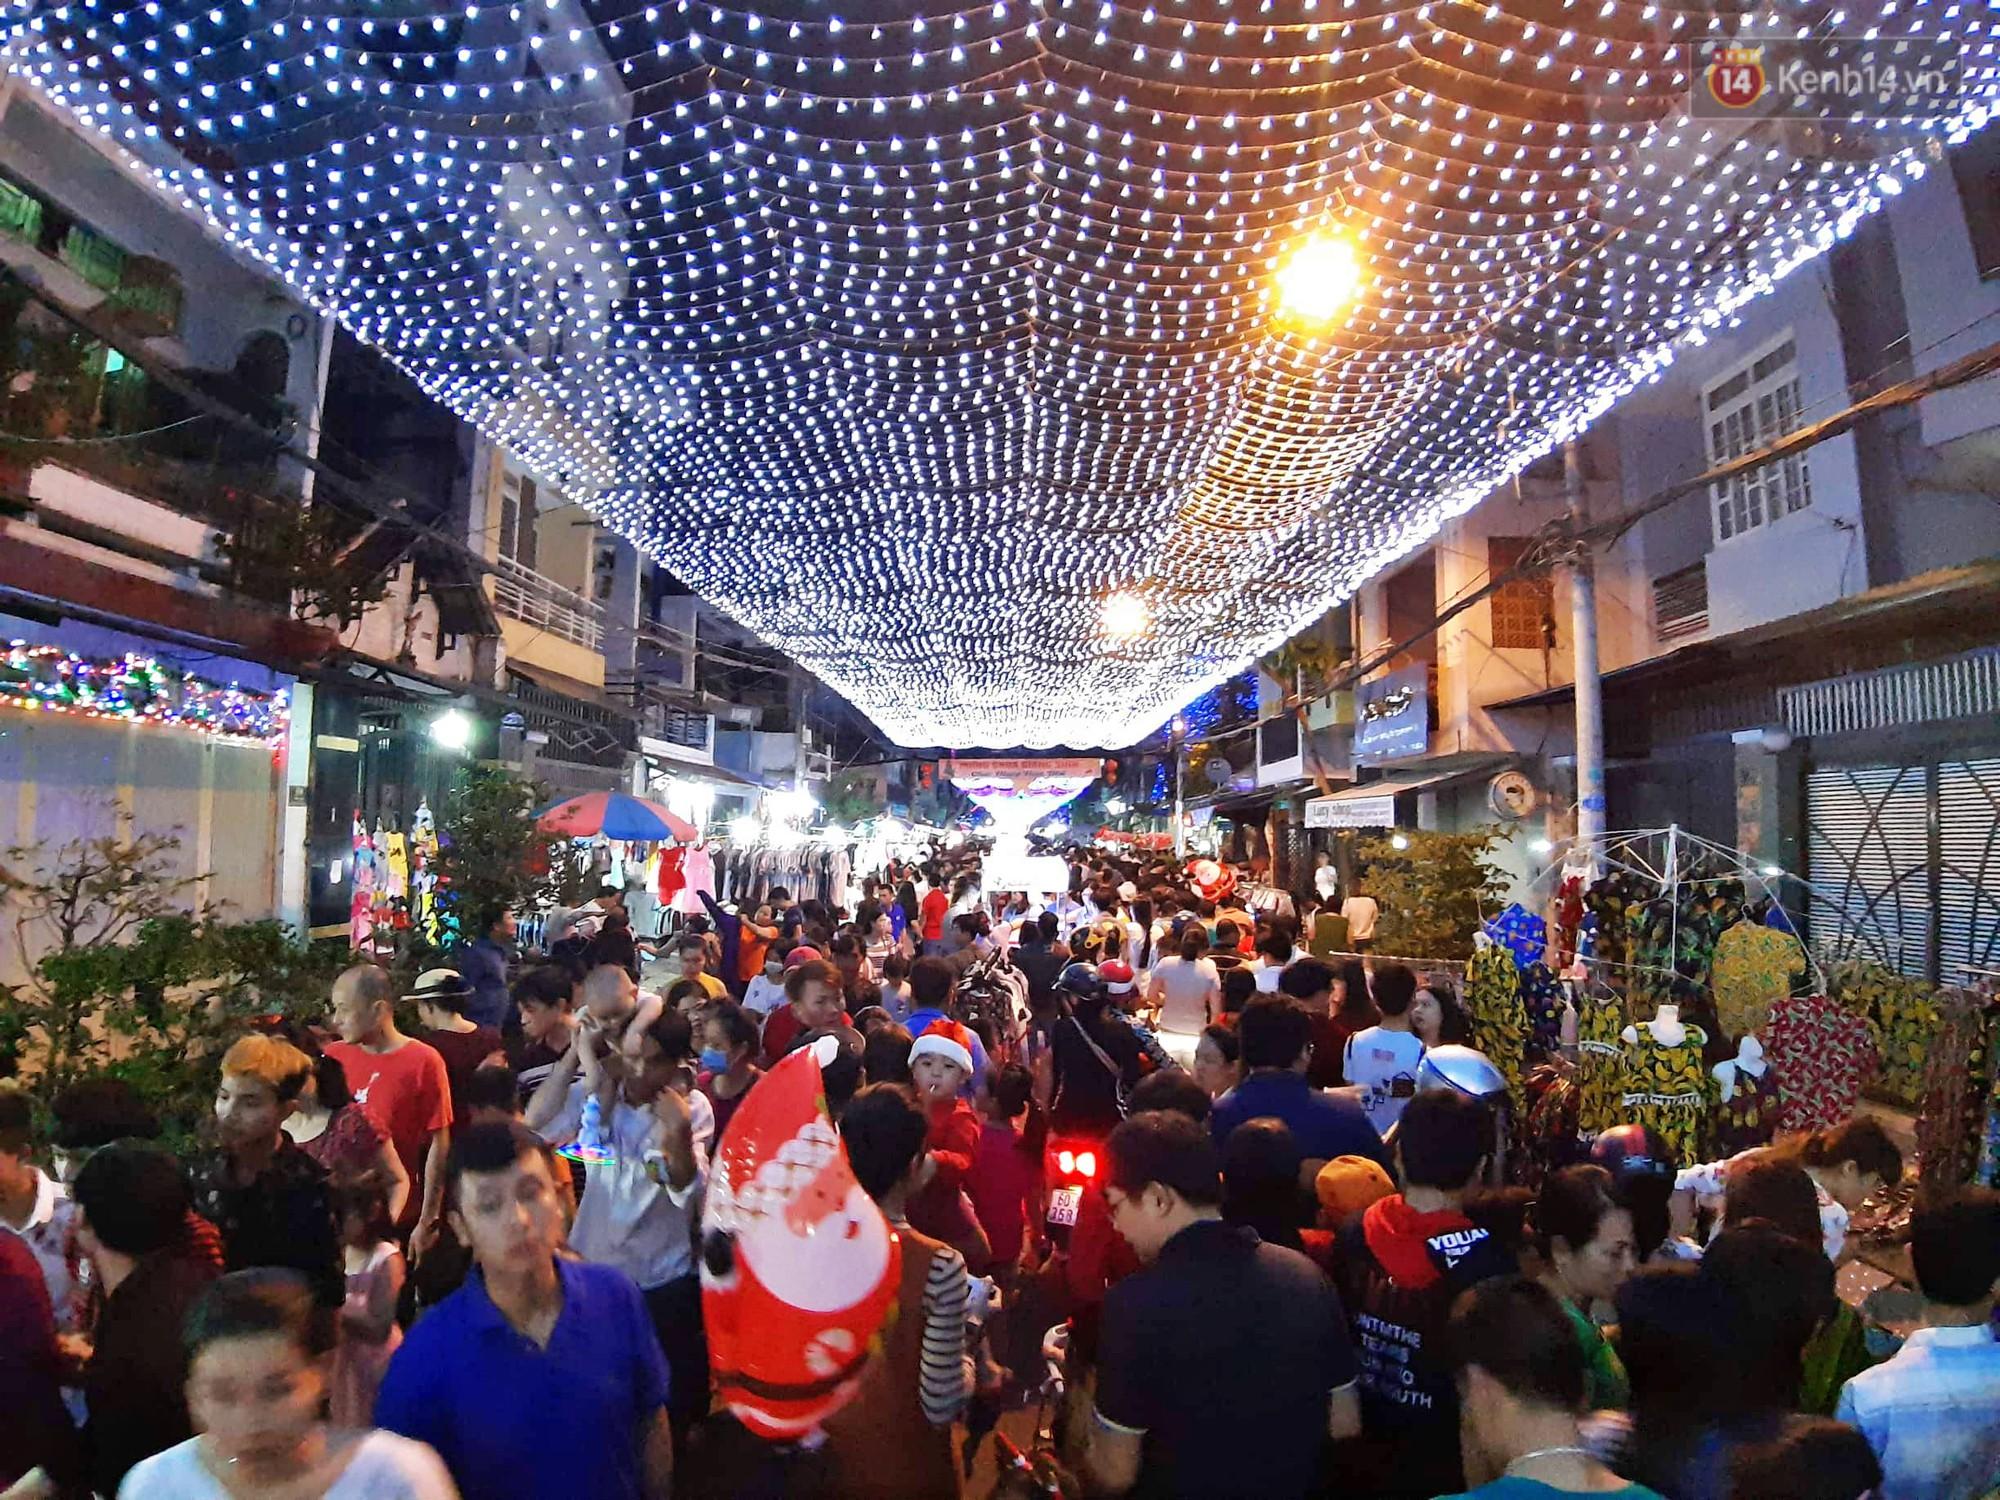 Người dân Hà Nội, Sài Gòn và Đà Nẵng nô nức xuống đường, khắp phố phường khoác lên mình tấm áo Giáng sinh đầy màu sắc - Ảnh 13.